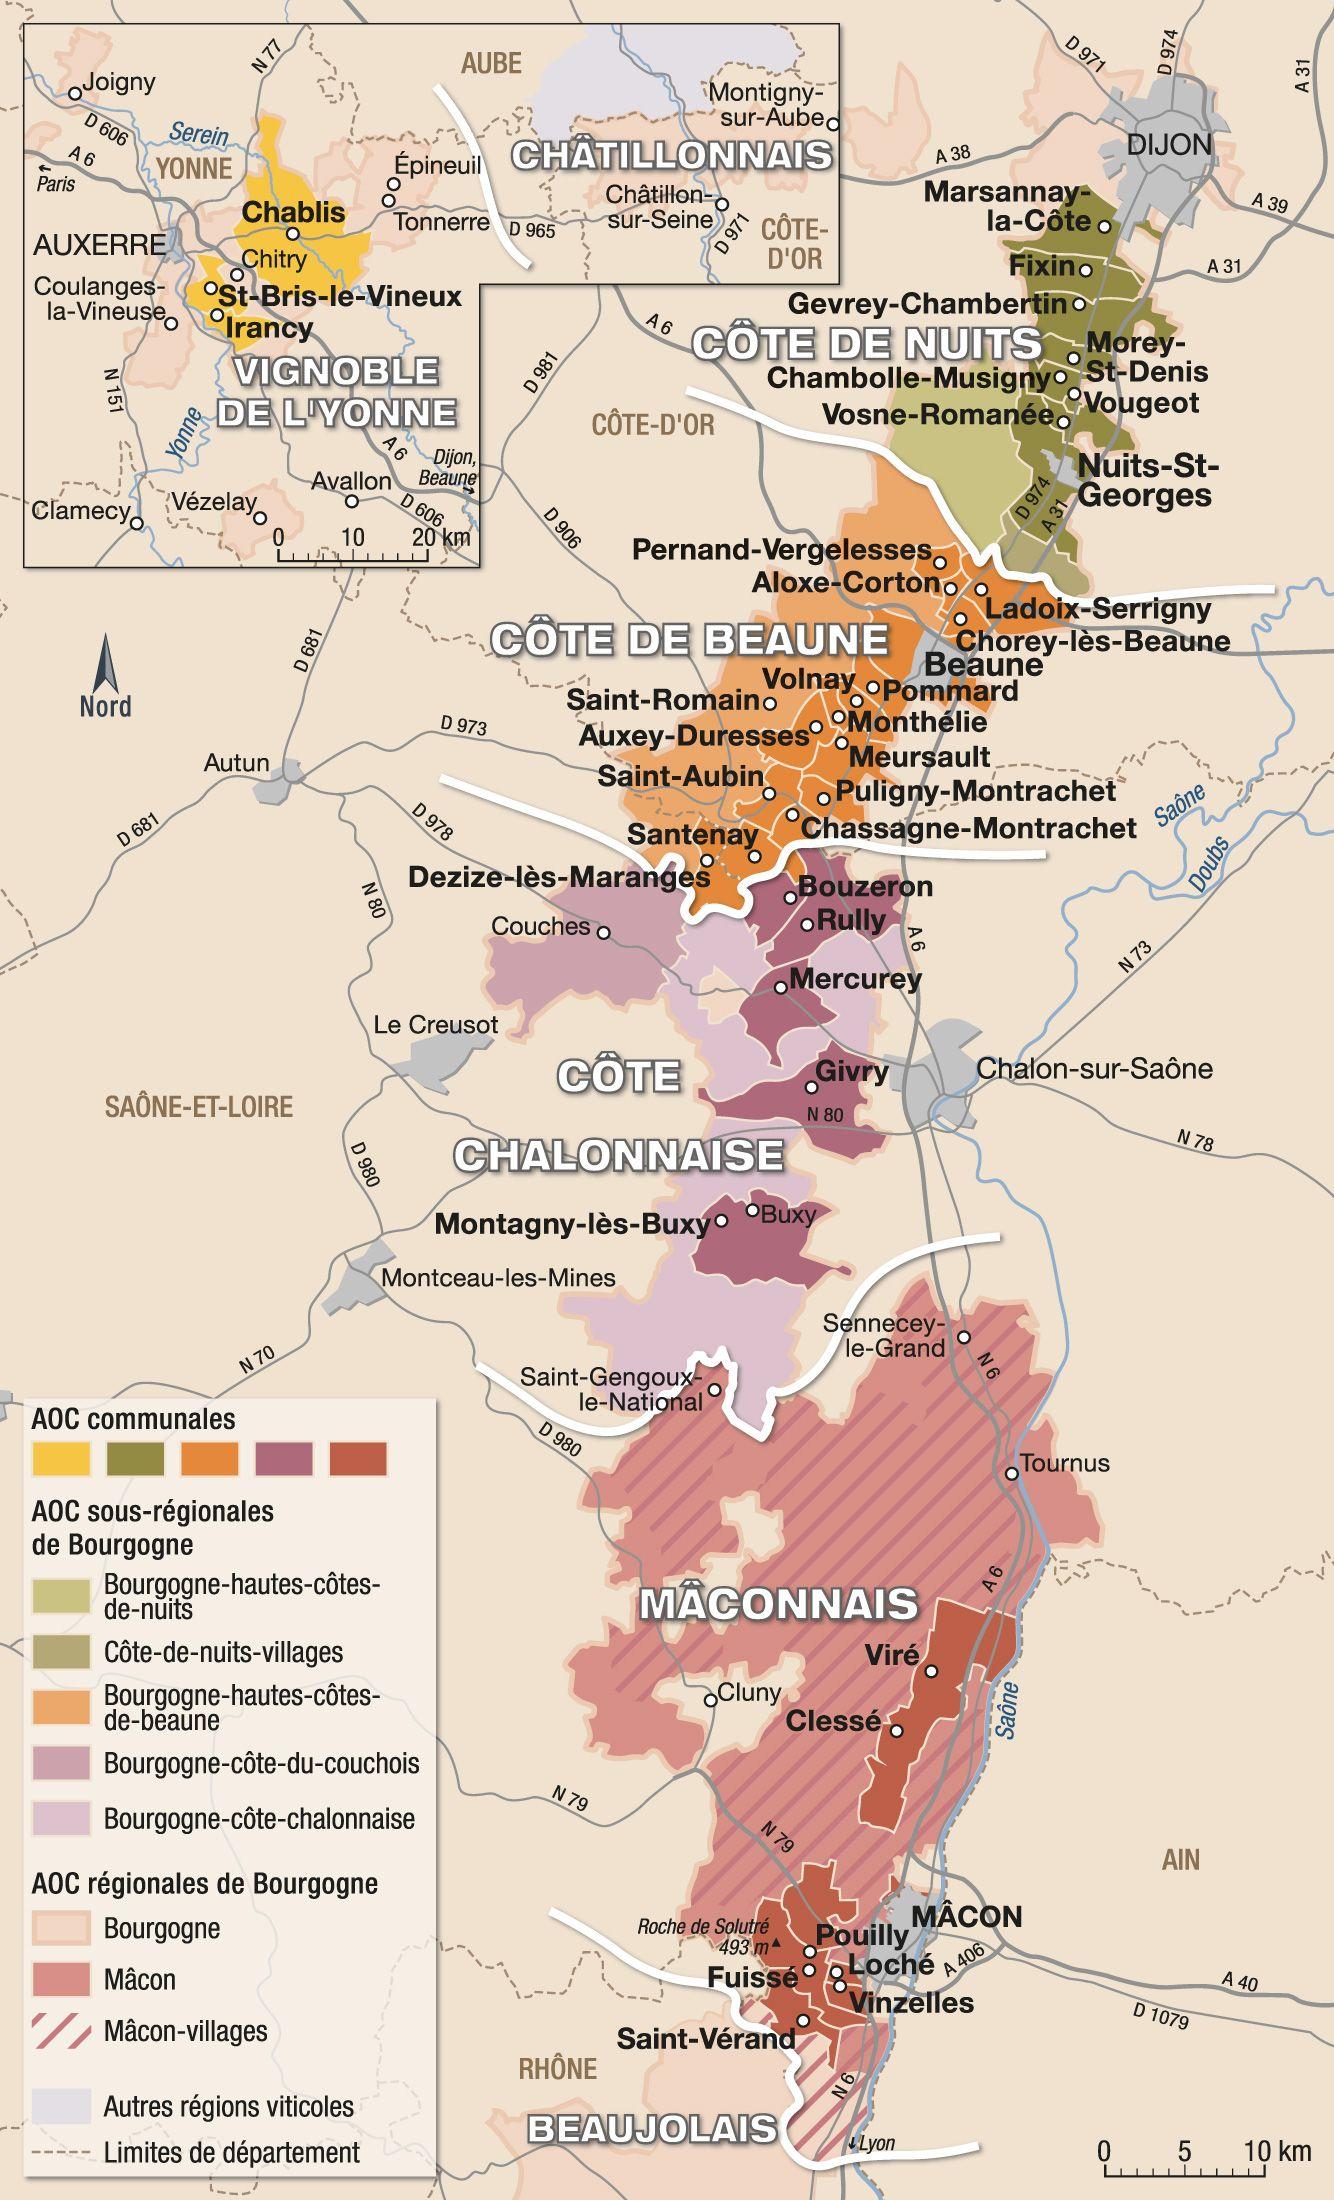 Favori Vins de bourgogne : vignoble et appellations - hachette-vins.com  QF76